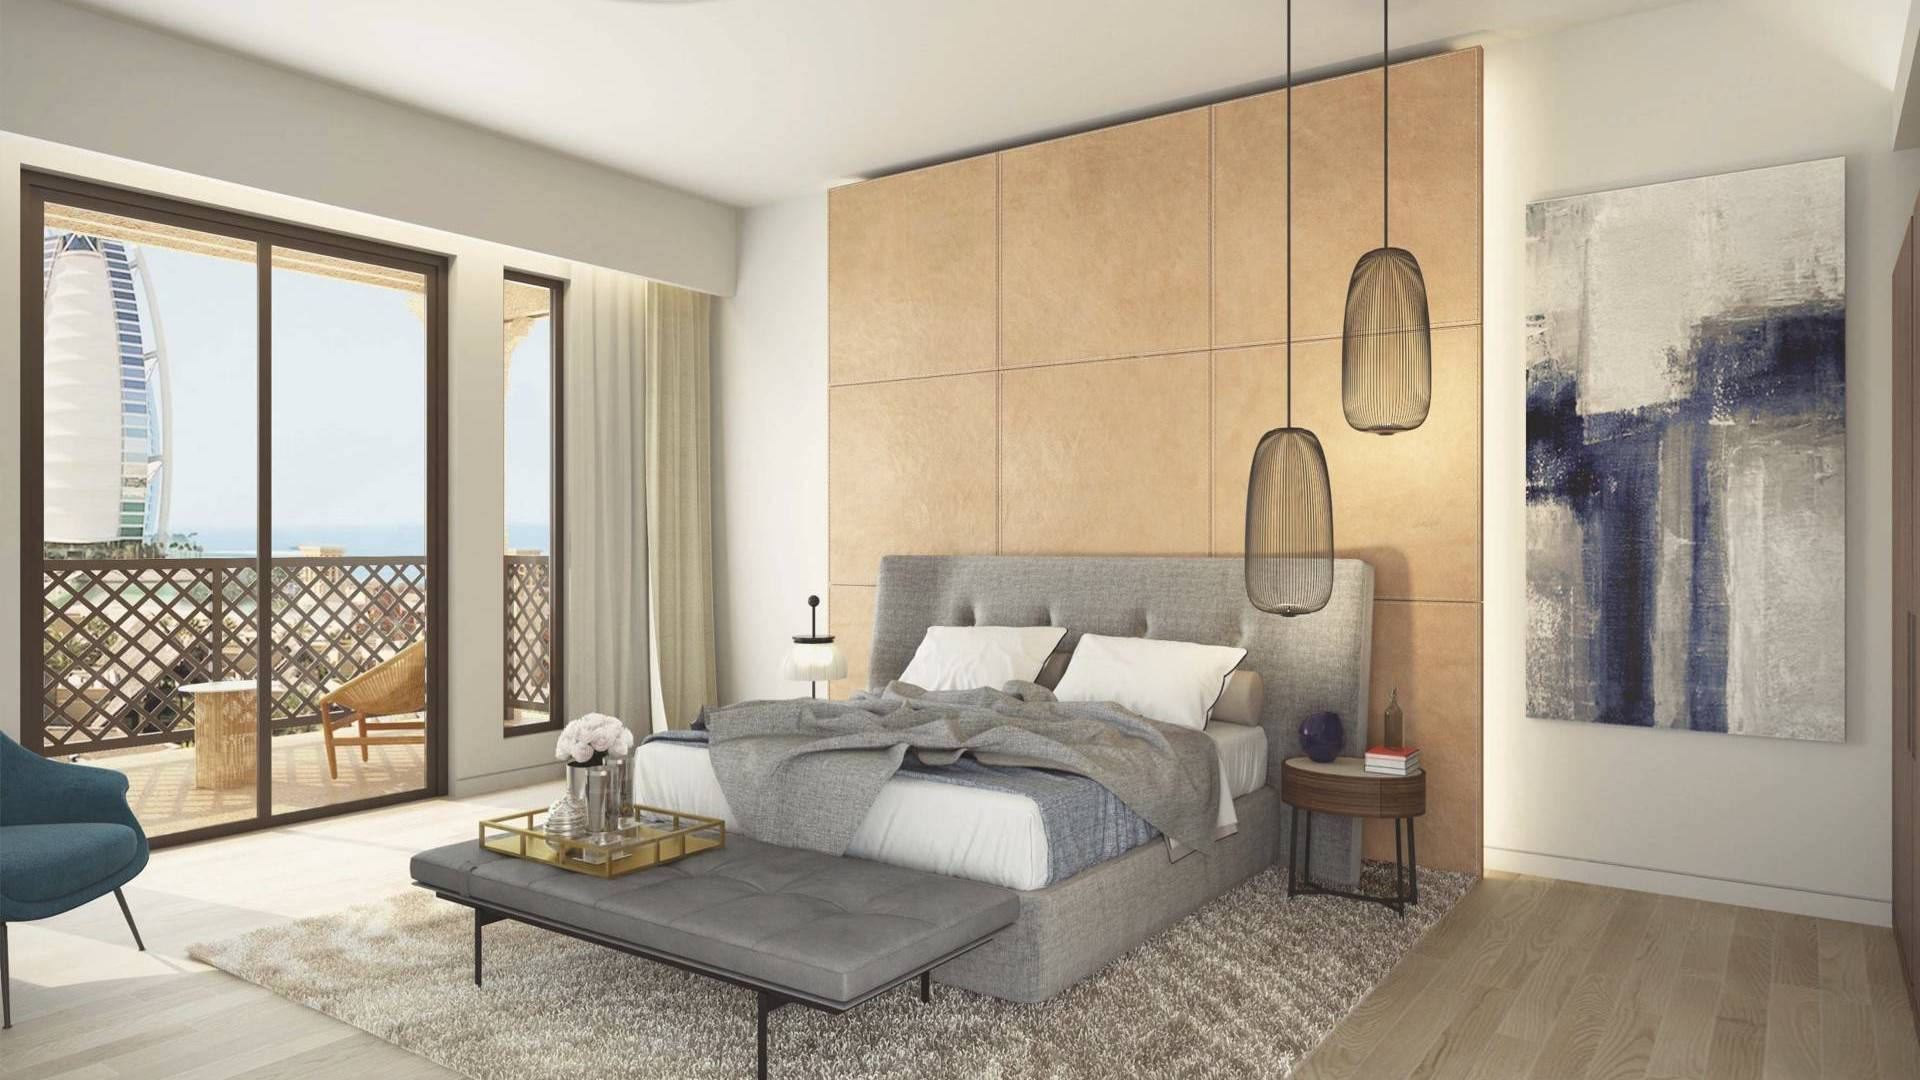 Apartamento en venta en Dubai, EAU, 1 dormitorio, 79 m2, № 23878 – foto 1